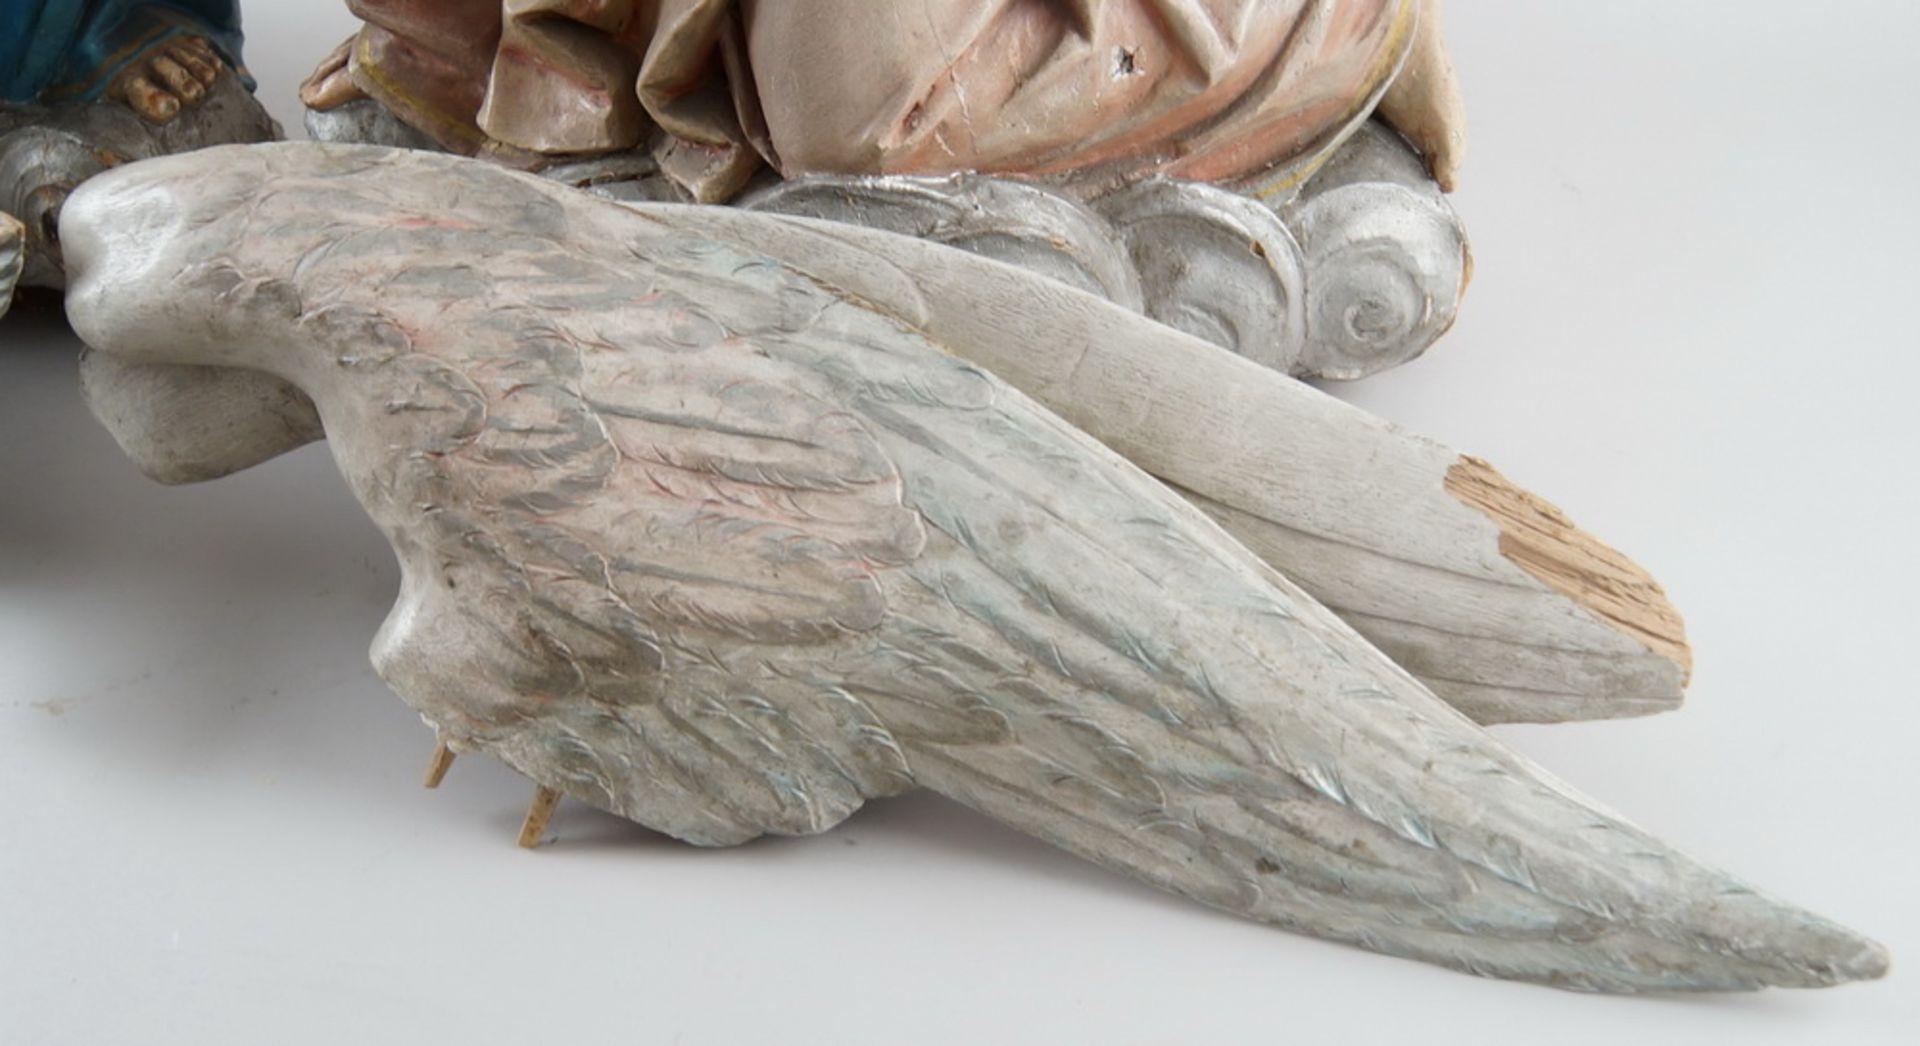 Zwei kniende Engel mit Flügel, 18. JH, Holz geschnitzt und gefasst, rest.-bed., H je 73cm - Bild 7 aus 15